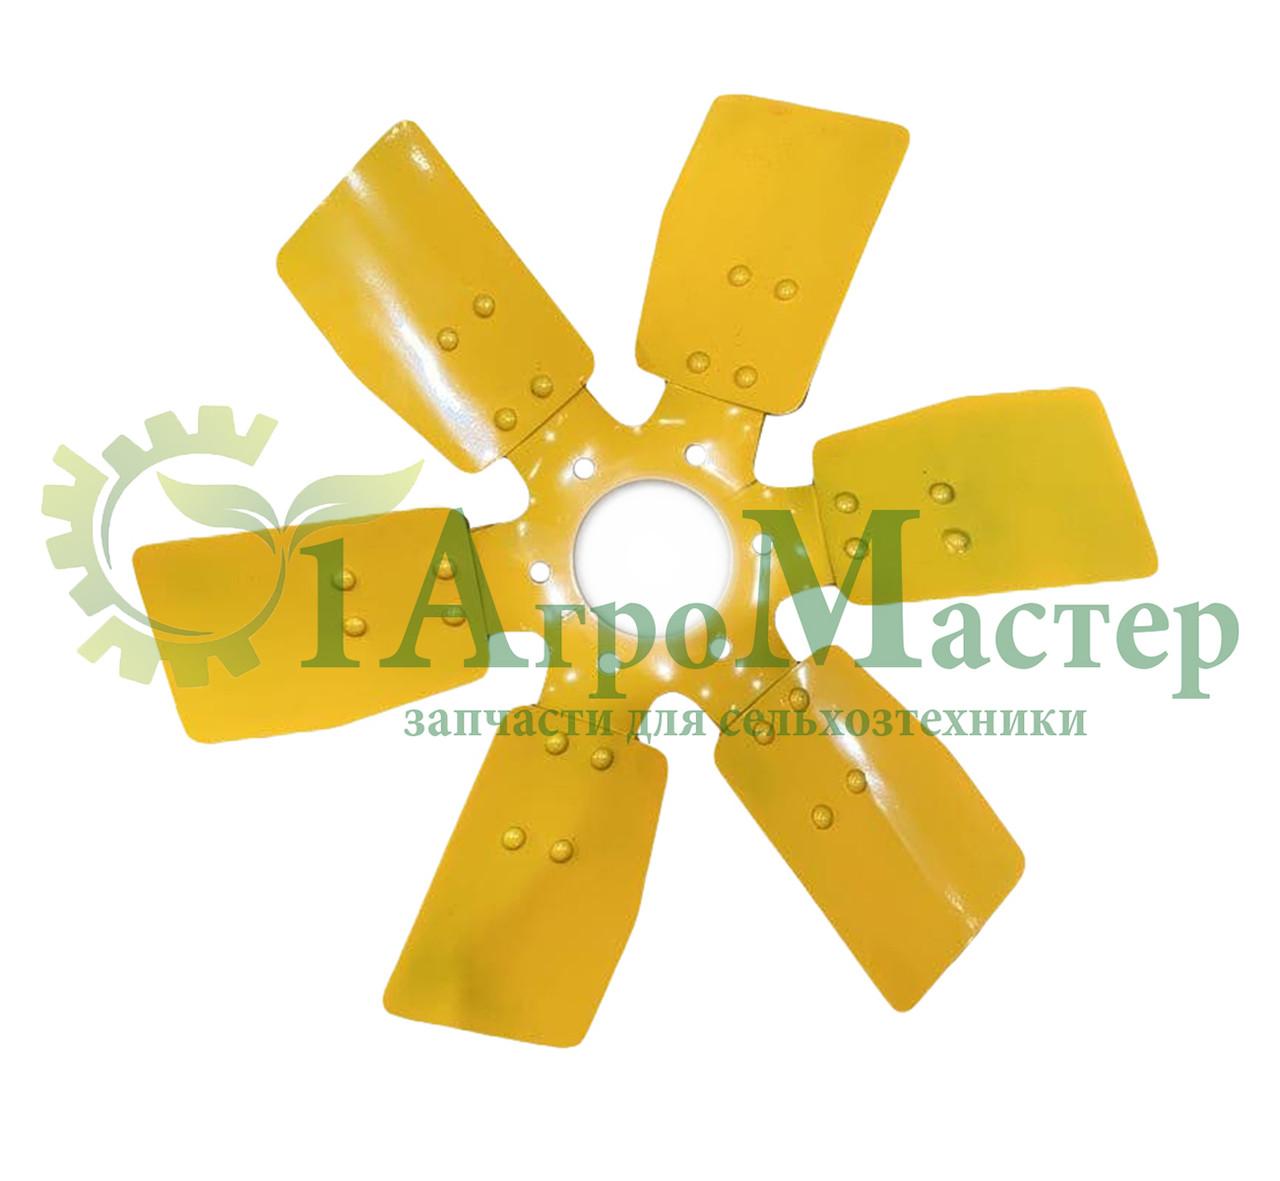 Вентилятор МТЗ, Д-245 245-1308040-А 6 лопастей металлический